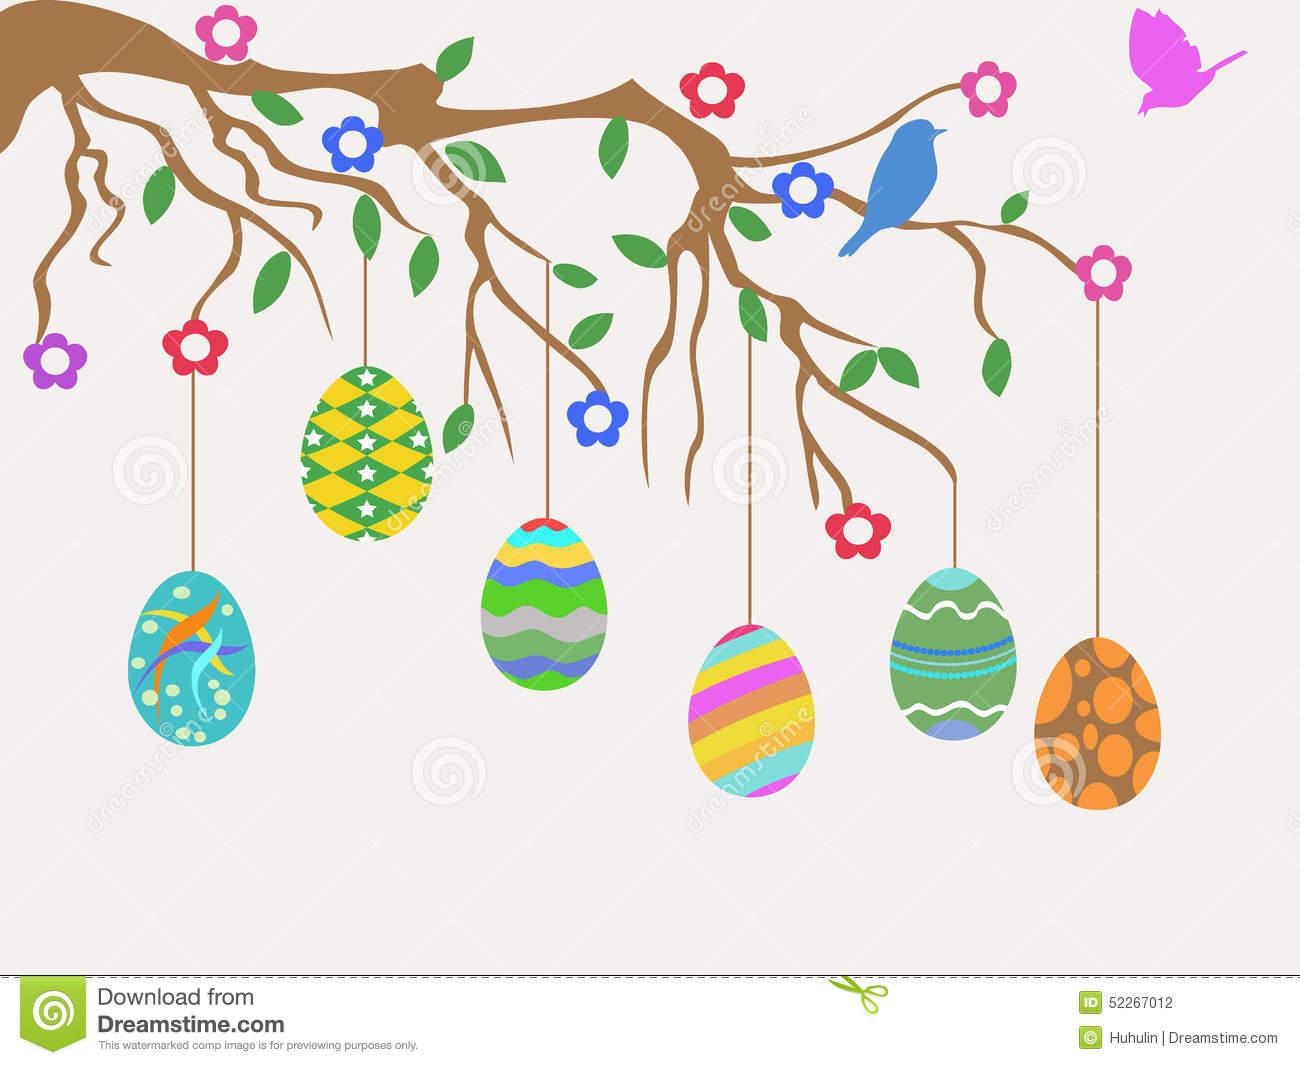 Easter egg tree clipart banner black and white library Easter egg tree clipart - ClipartFest banner black and white library